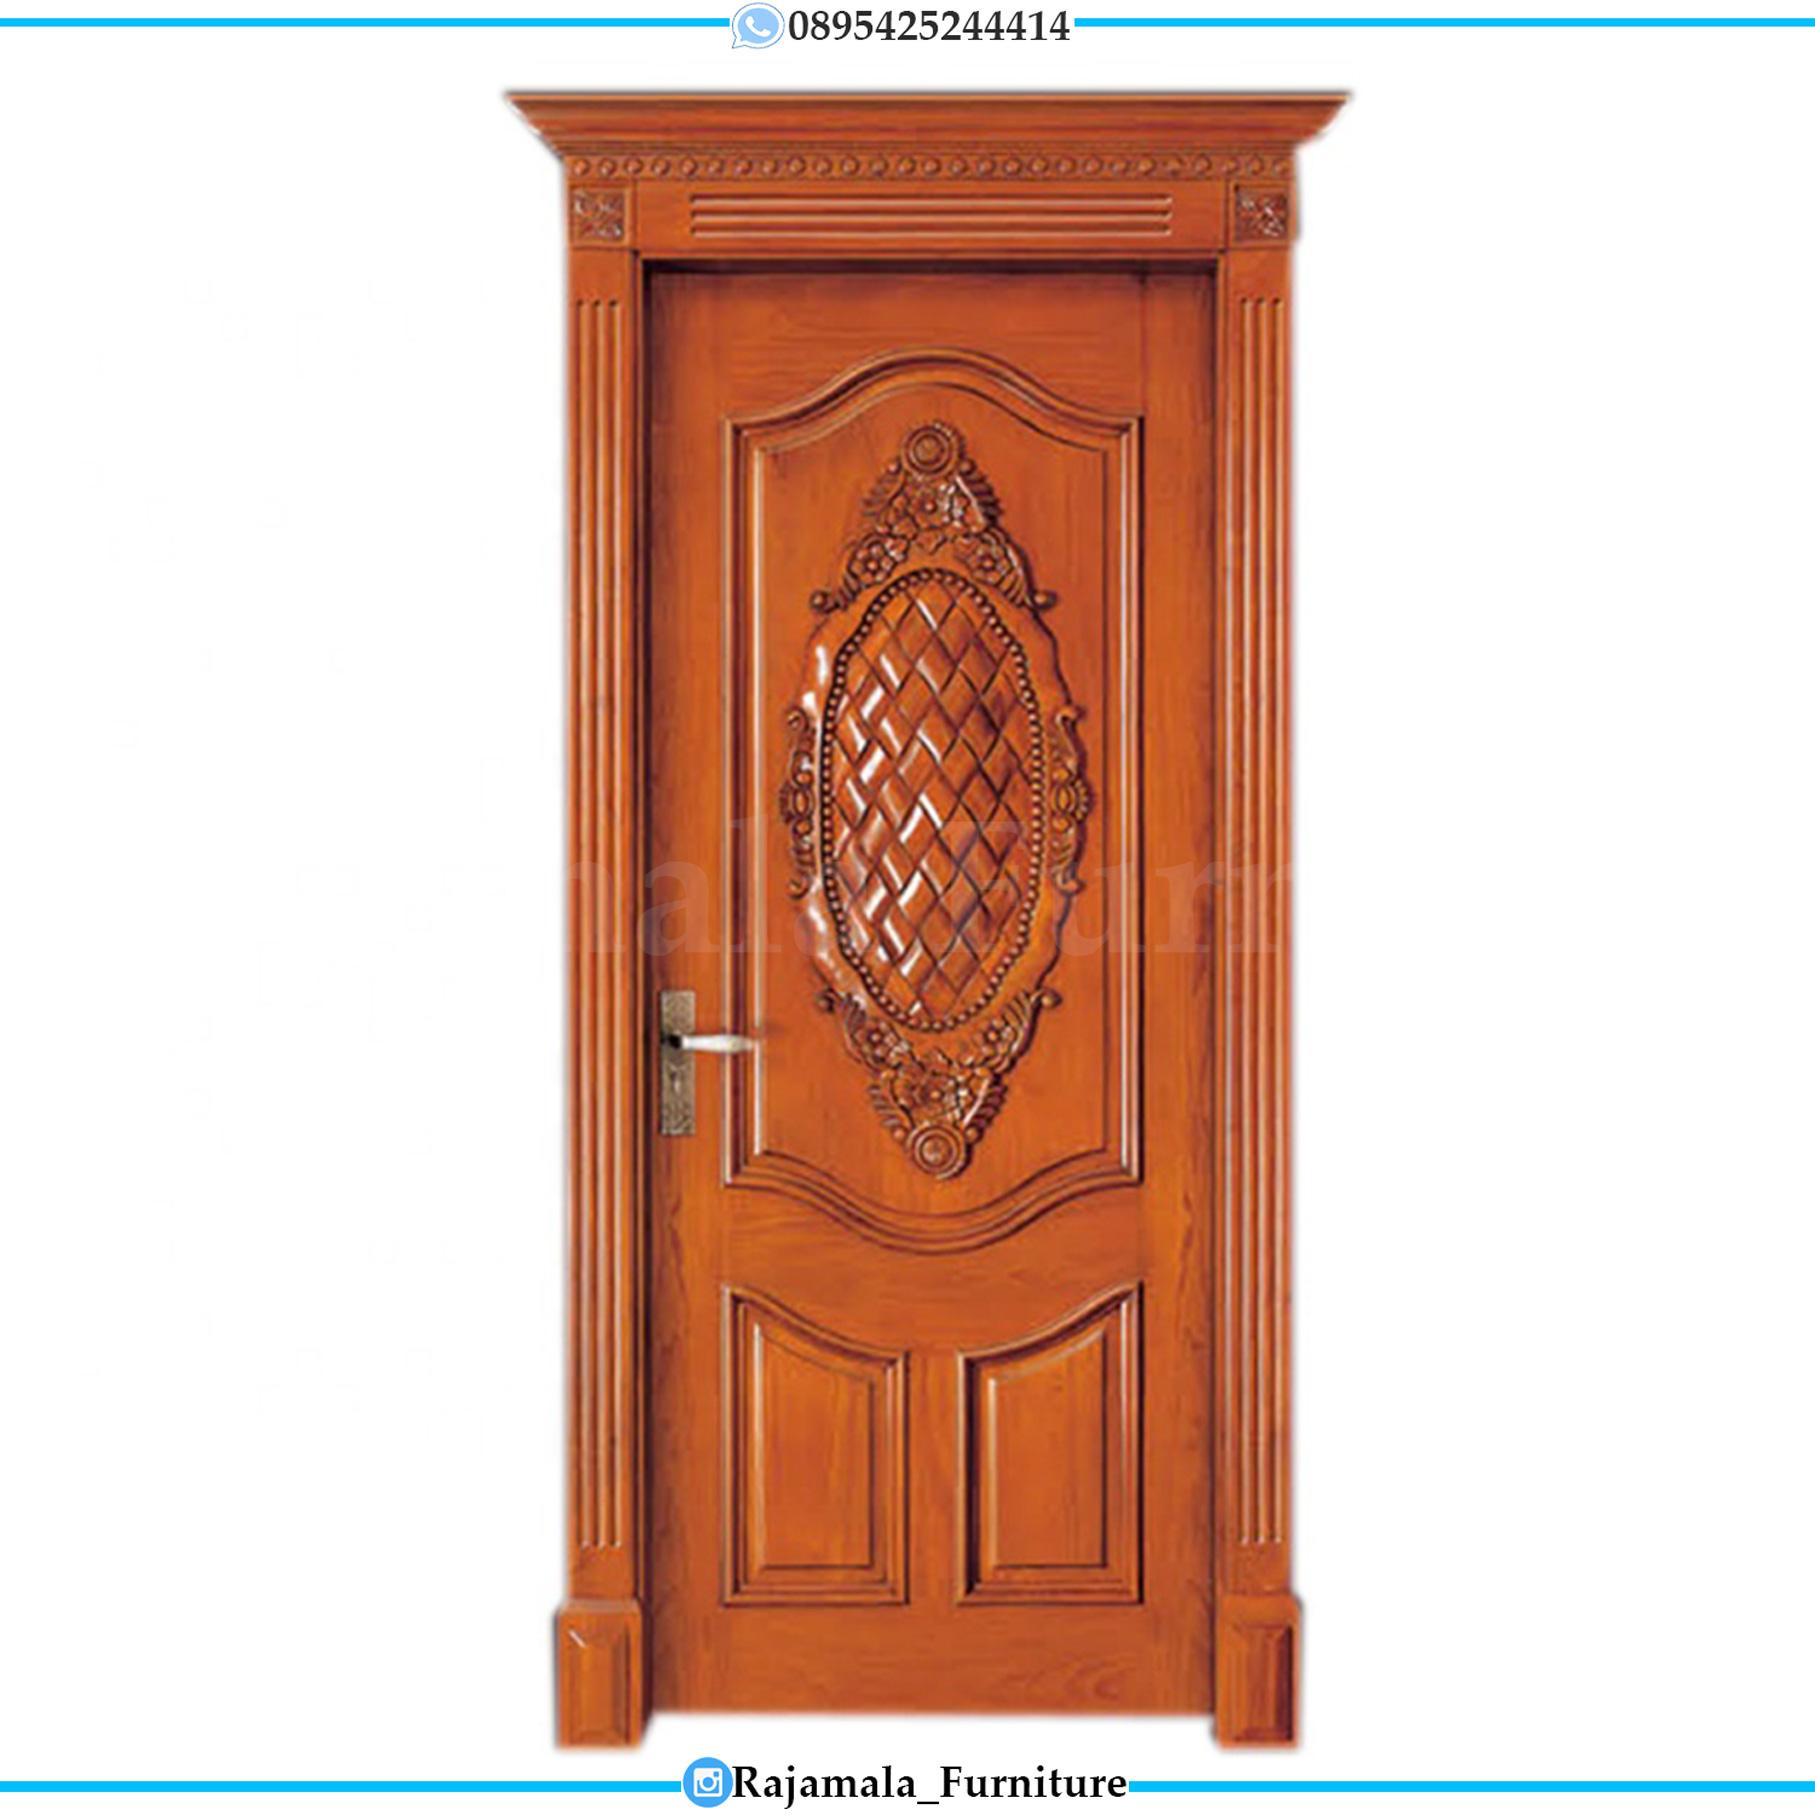 Pintu Rumah Mewah Terbaru Luxury Classic Furniture RM-0054